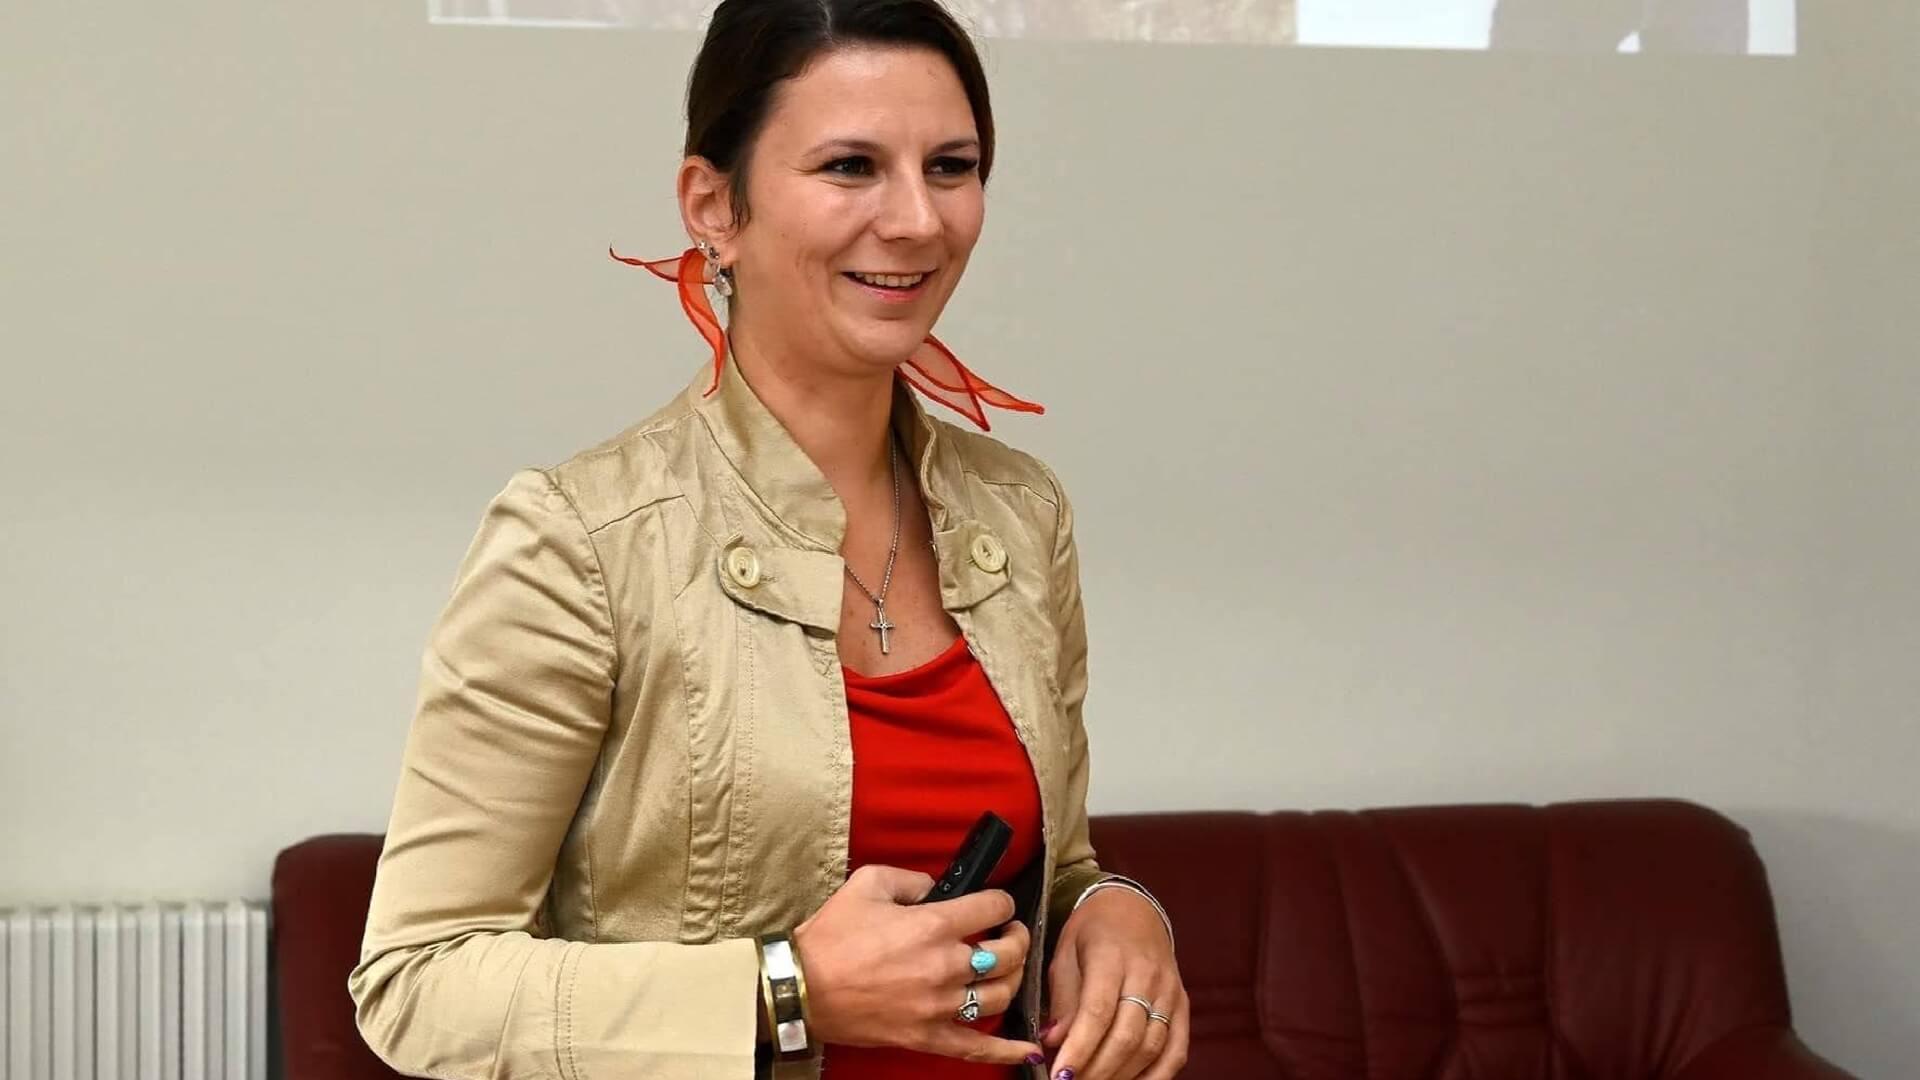 Jarmila Elznerová